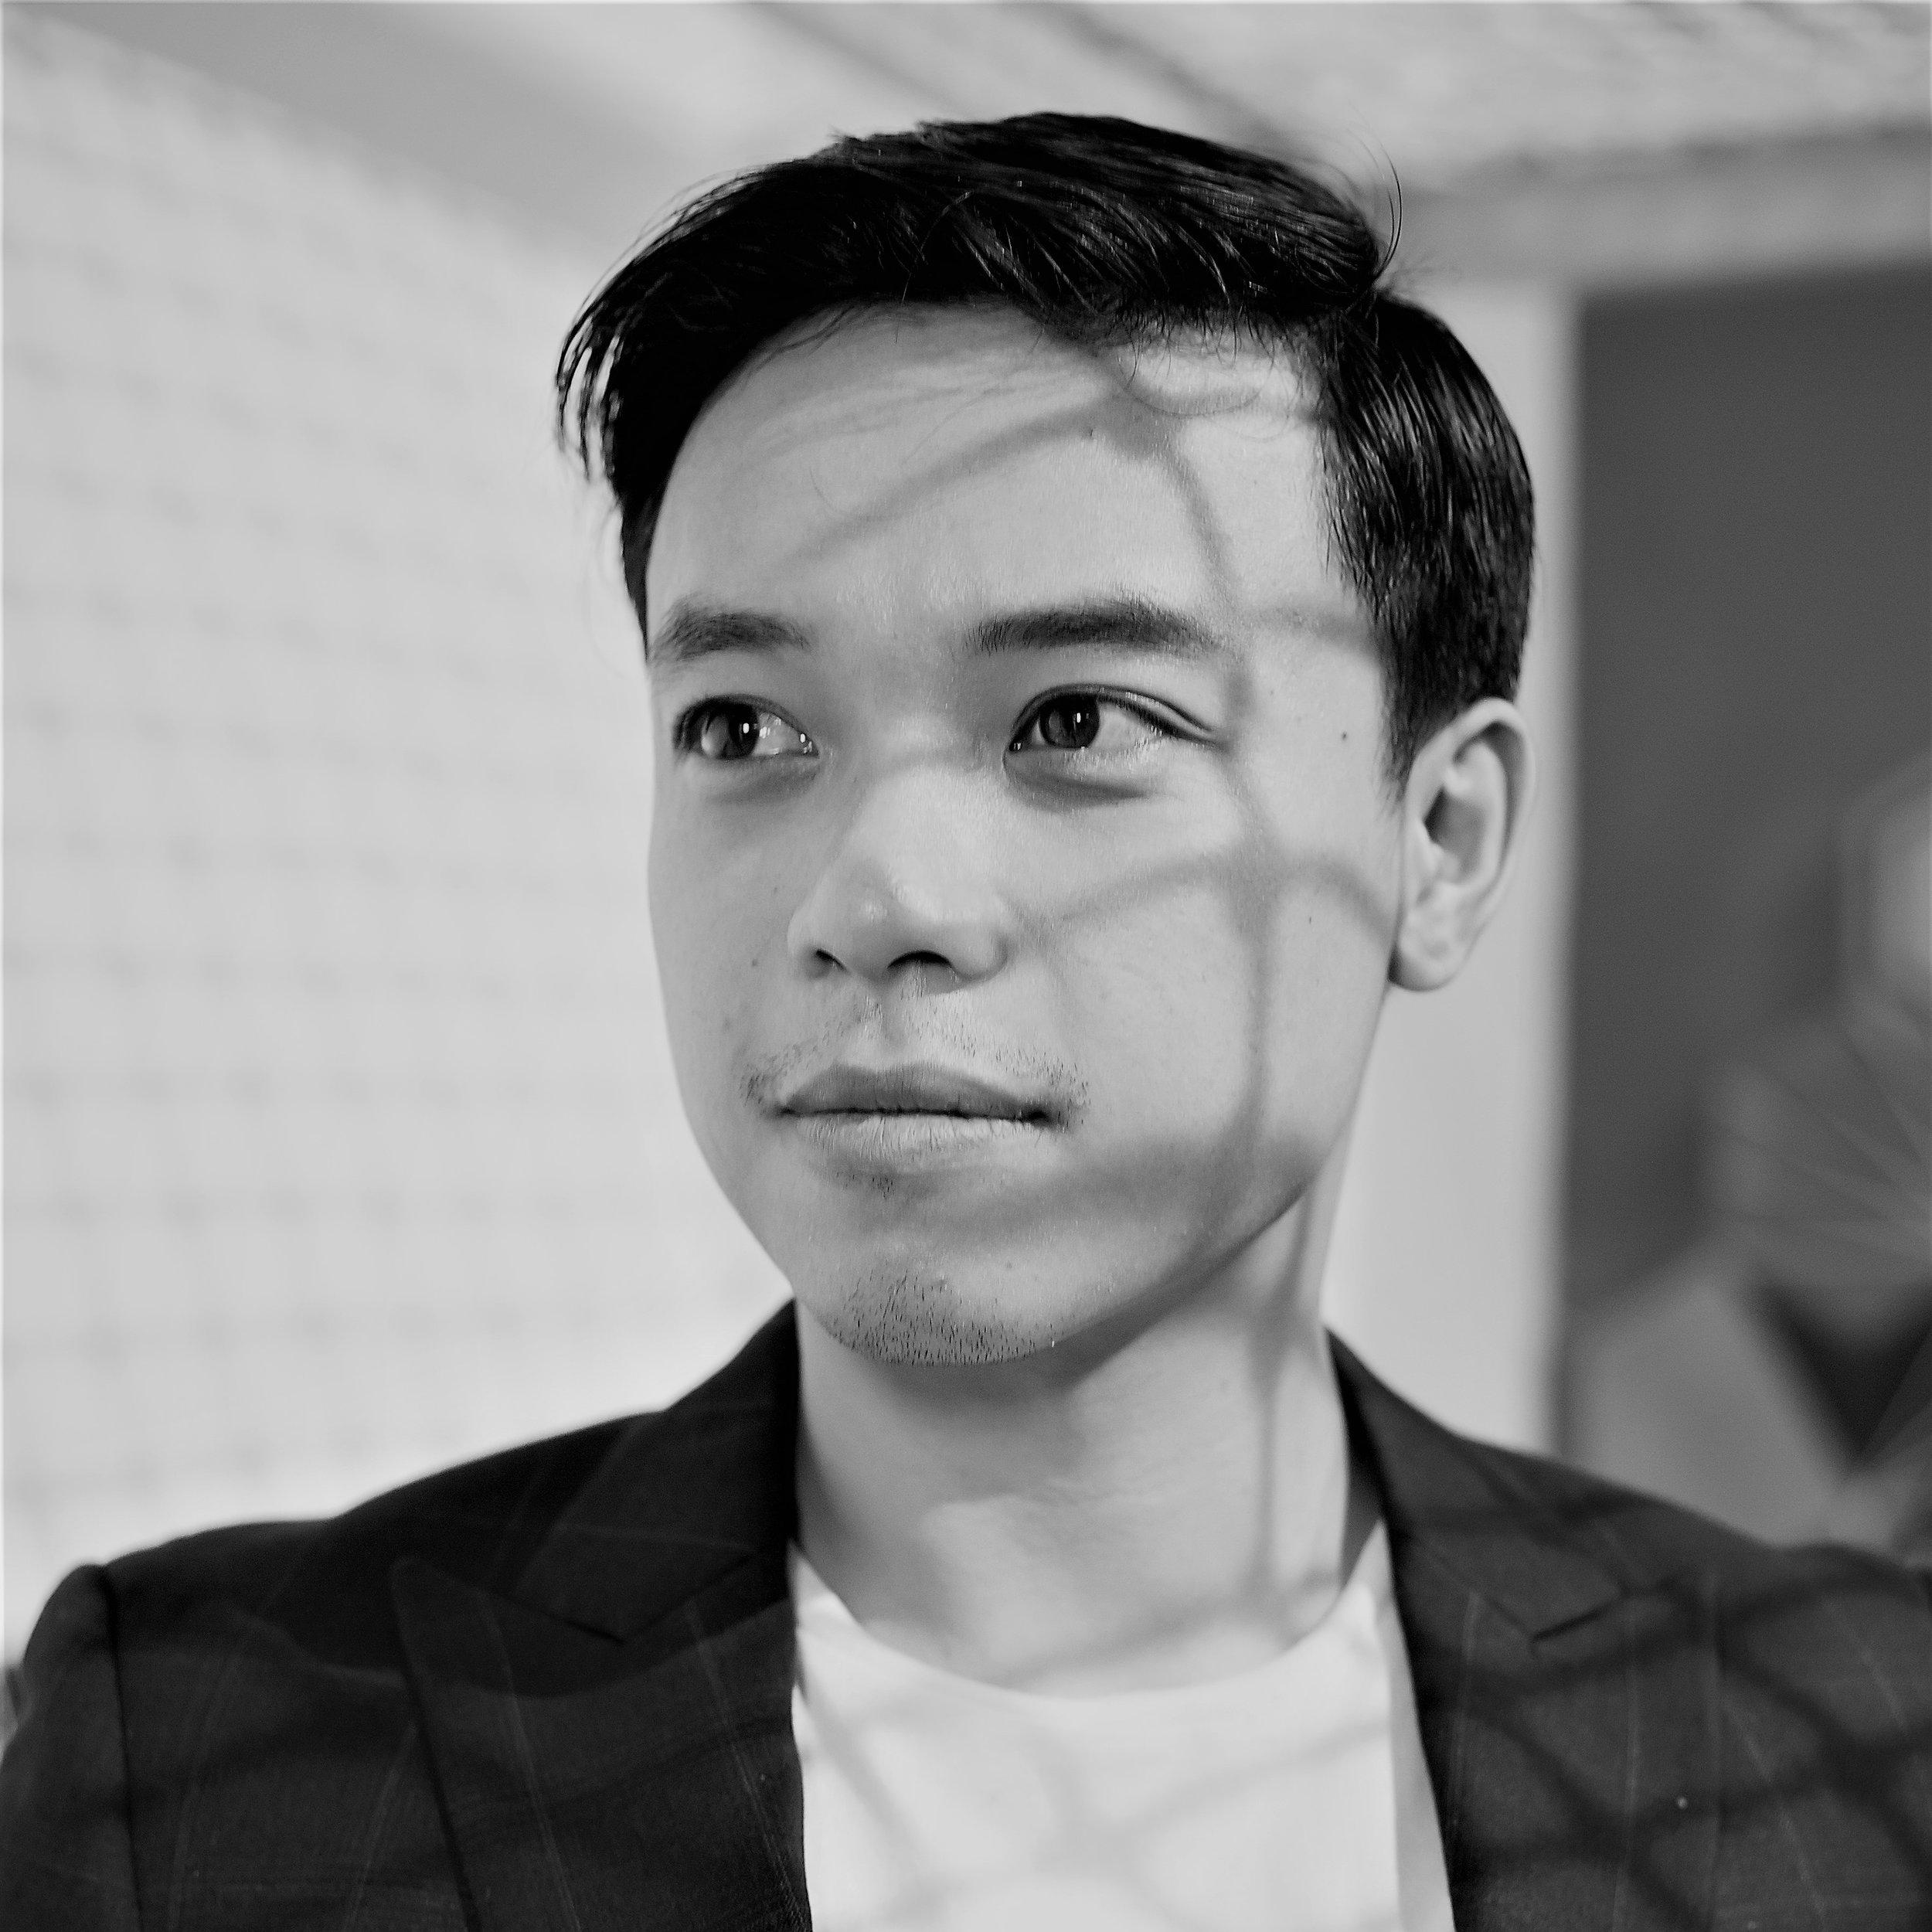 Kimble Ngô là chuyên gia trong lĩnh vực khai vấn cá nhân, giúp bạn phát triển bản thân và sự nghiệp. kimblengo.com